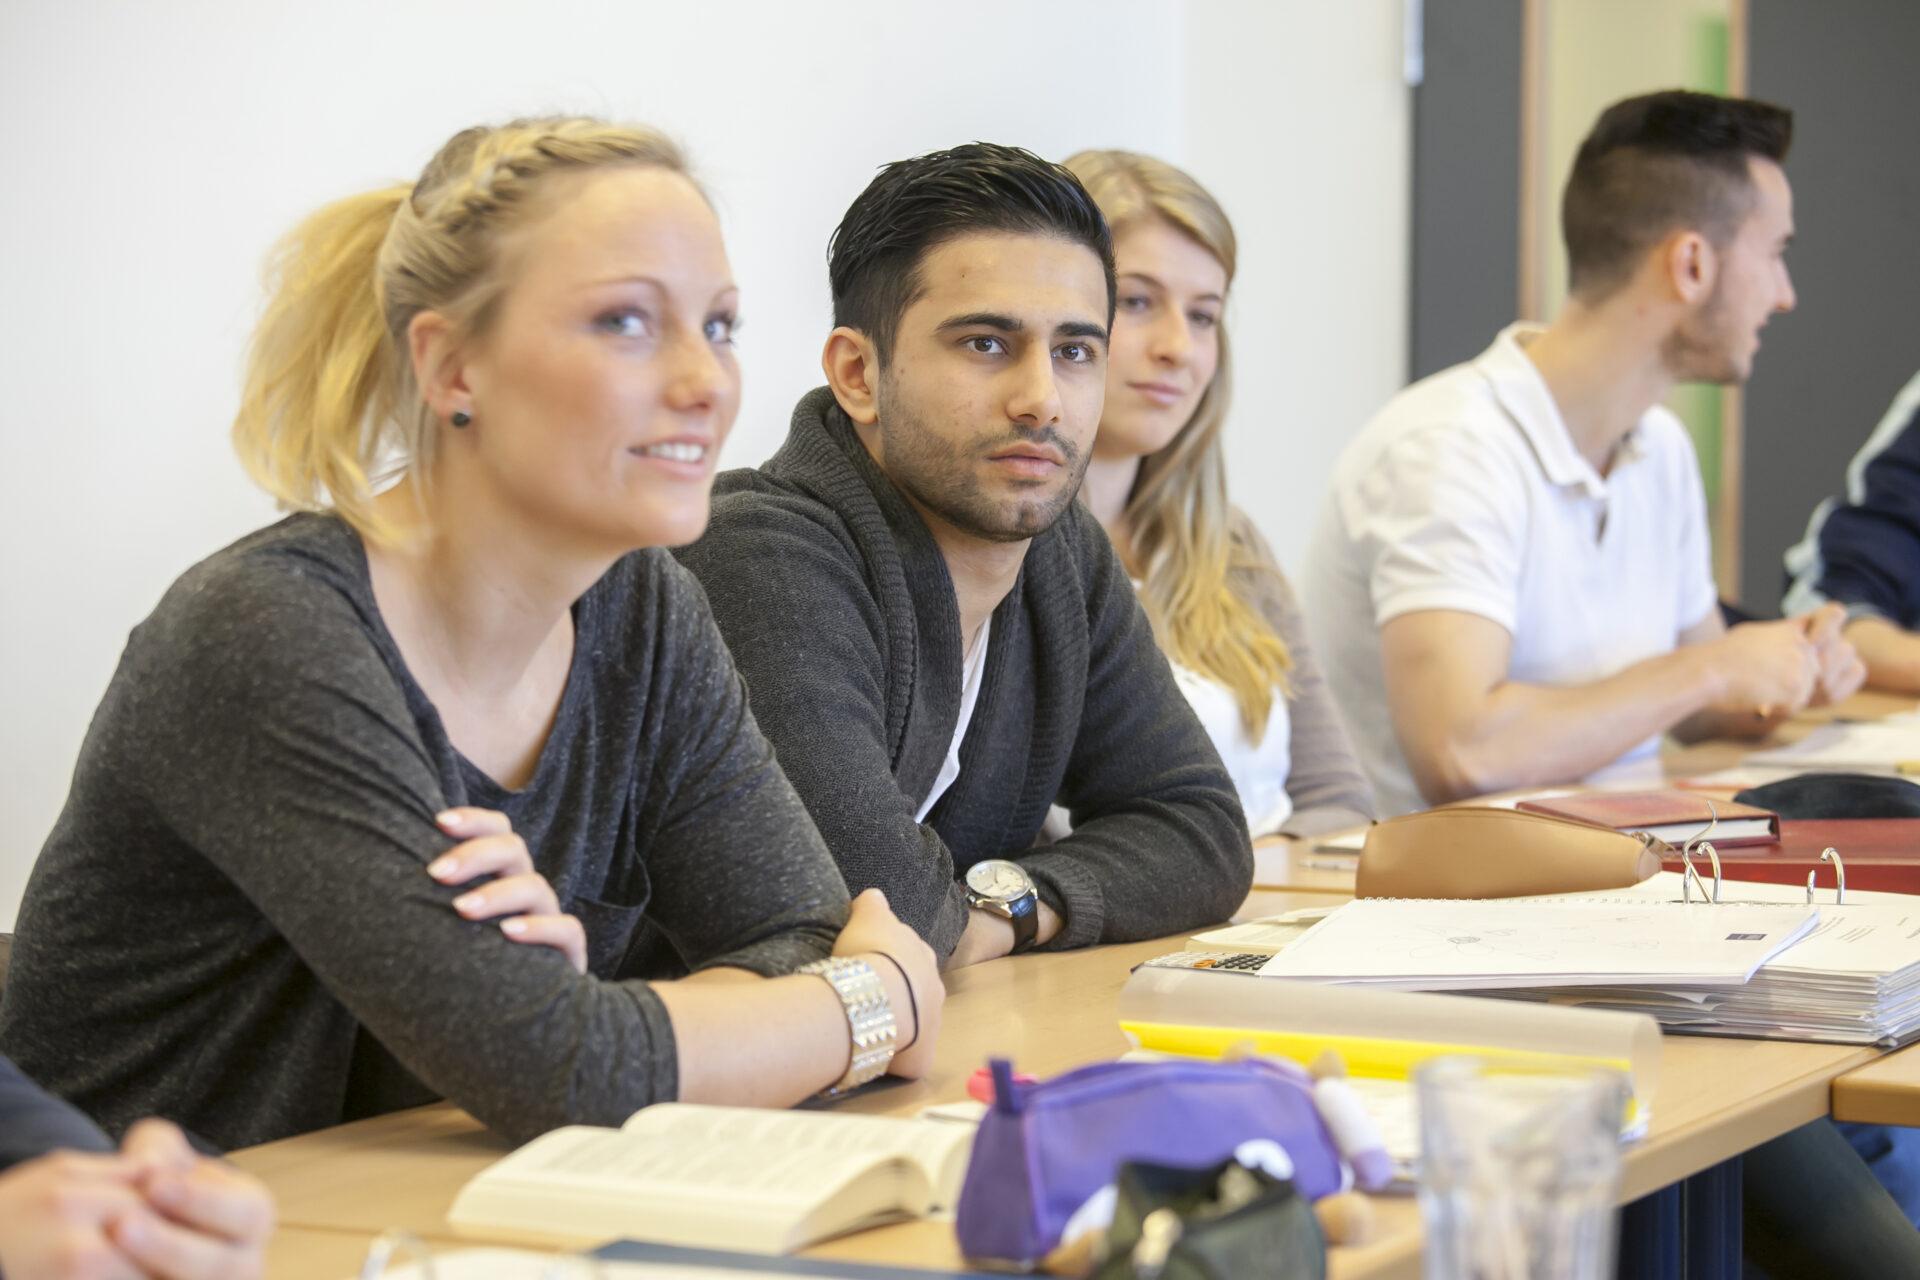 das Bild zeigt vier junge Menschen, davon eine junge Frau und einen jungen Mann im Vordergrund, an Schultischen sitzen